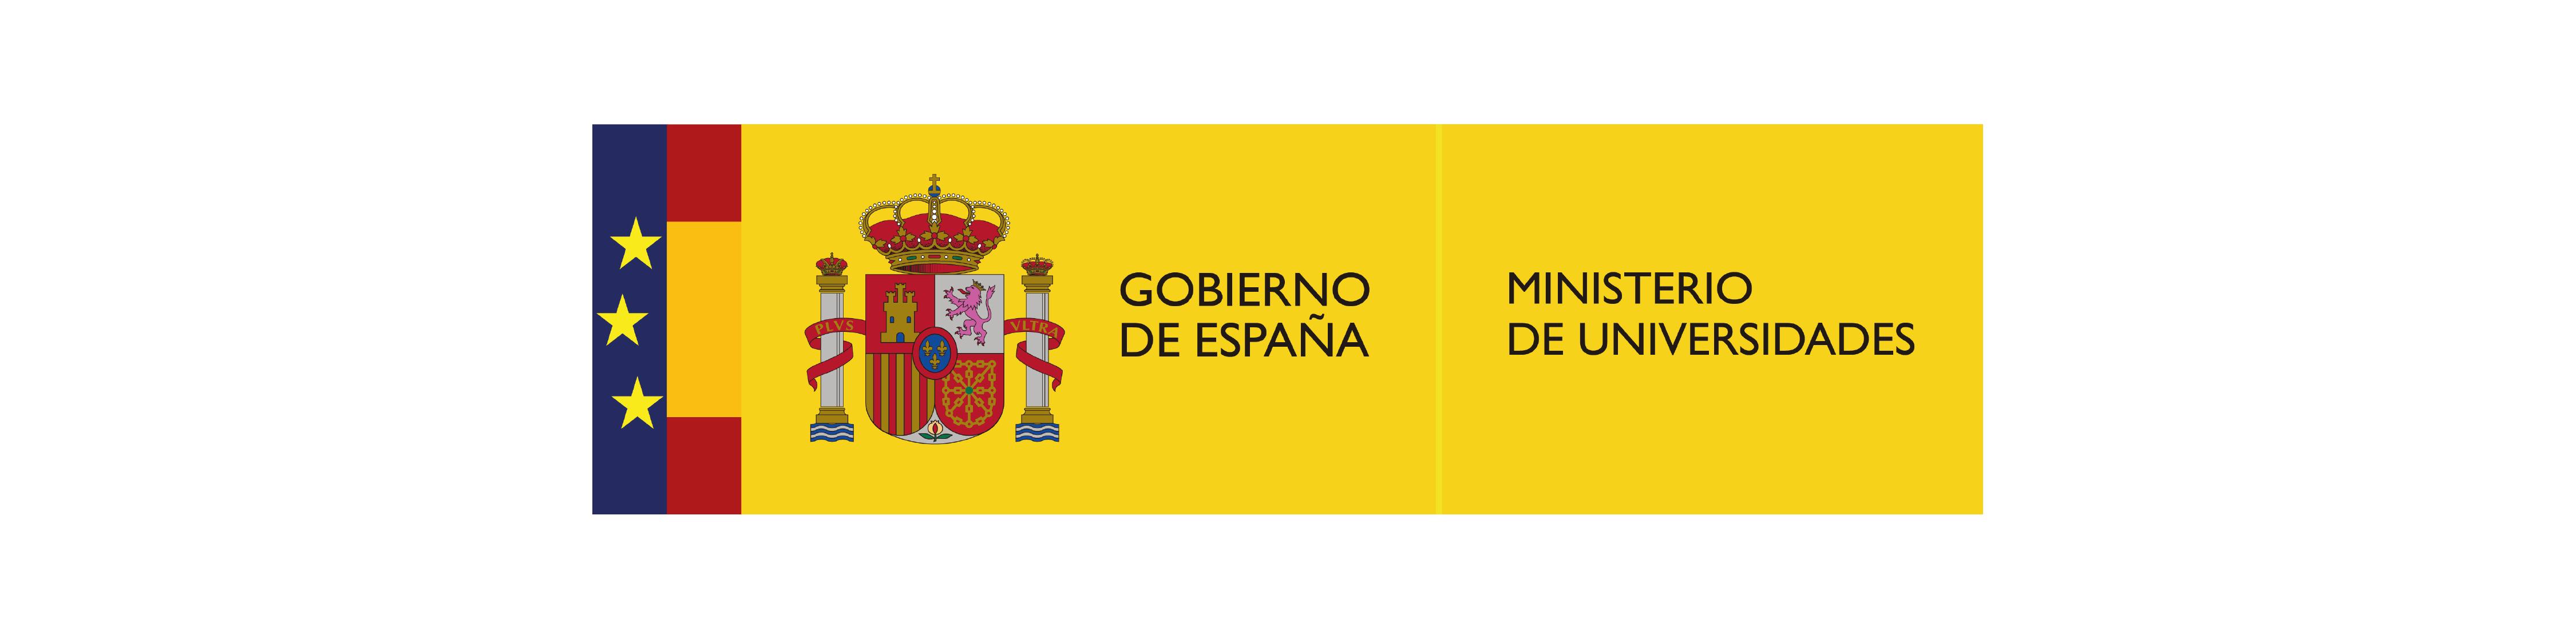 Gobierno de España. Ministerio de Universidades.